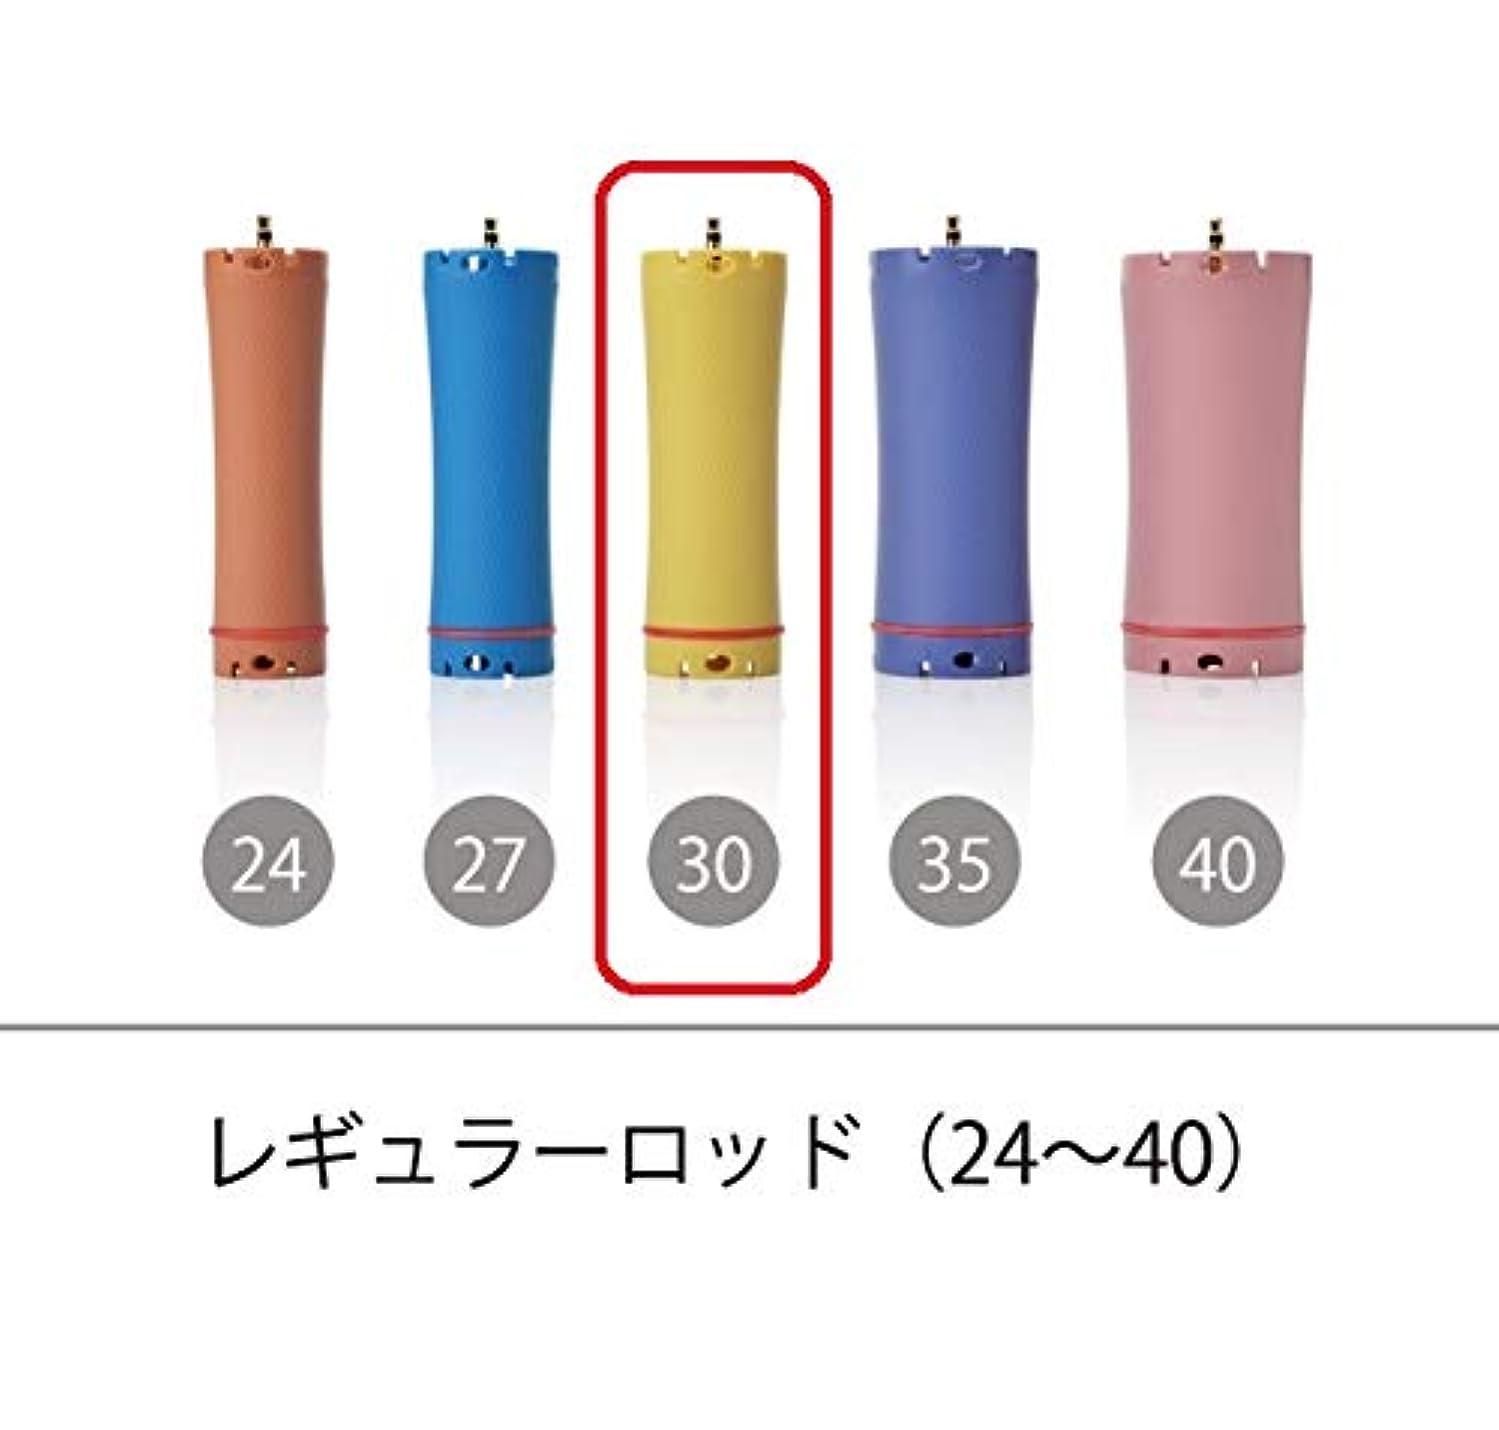 トリプルレースレザーソキウス 専用ロッド レギュラーロッド 30mm